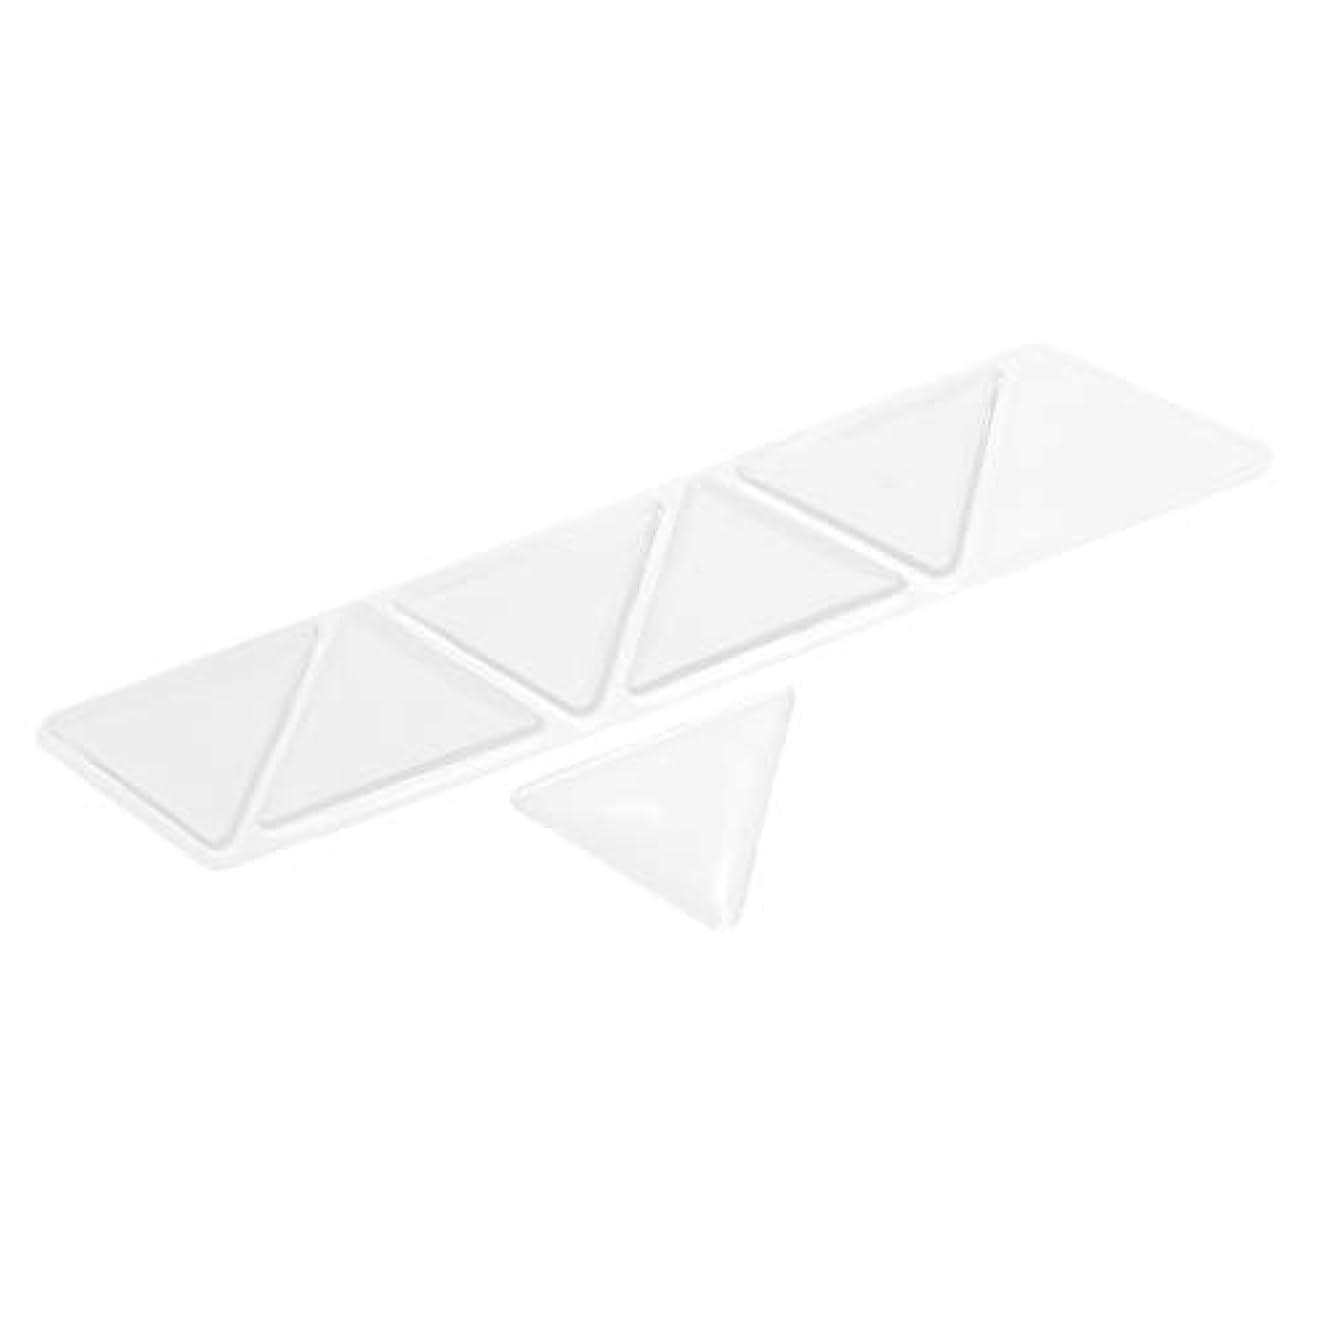 構成する冒険勝者Baoblaze 額パッド スキンケアパッド アンチリンクル シリコン 三角パッド 再使用可能な